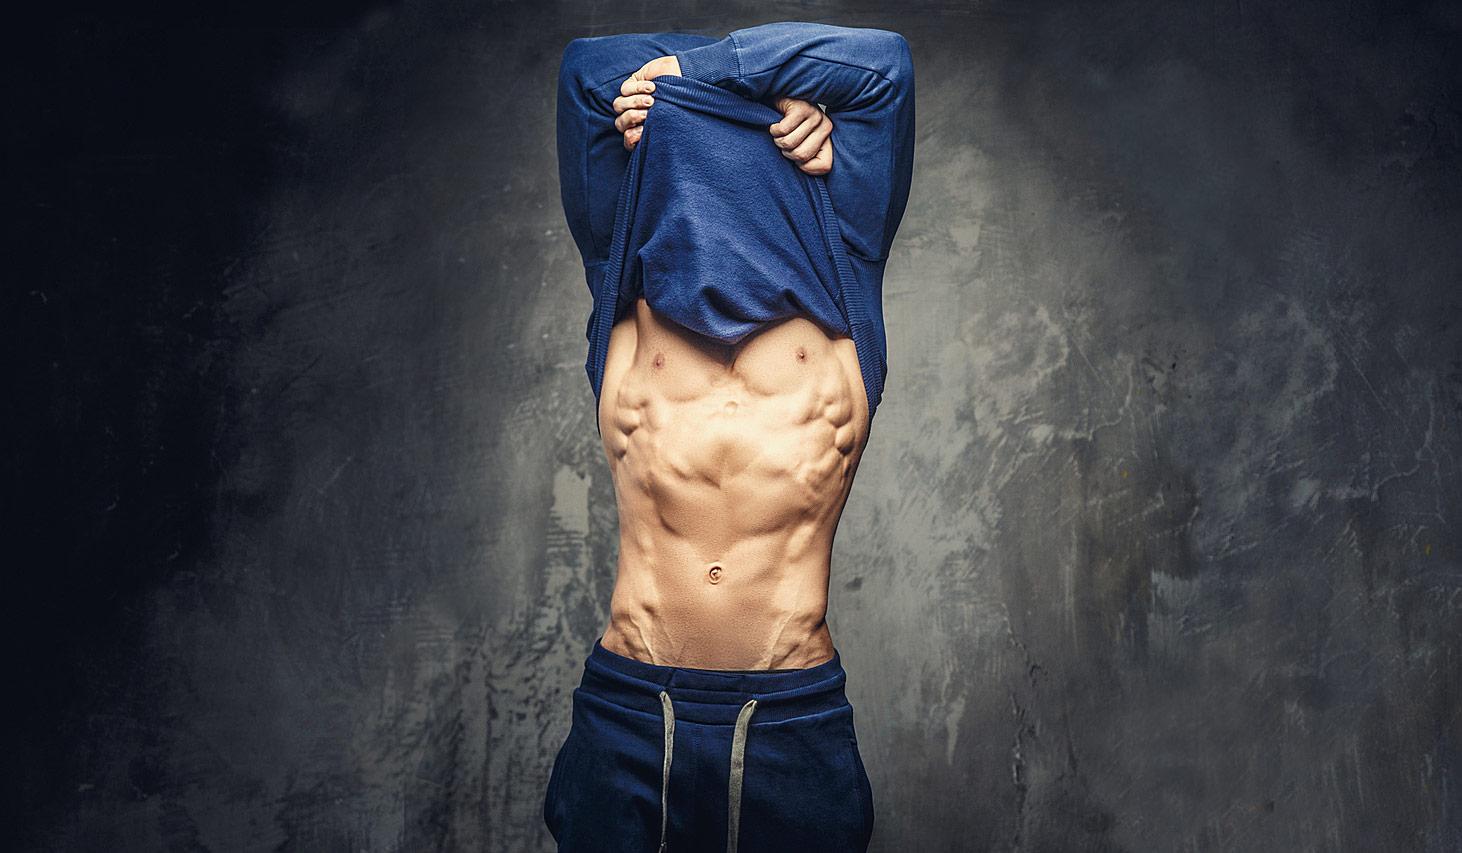 ¿Cómo secar el cuerpo? – Dieta y ejercicios para bajar grasa abdominal sin perder masa muscular